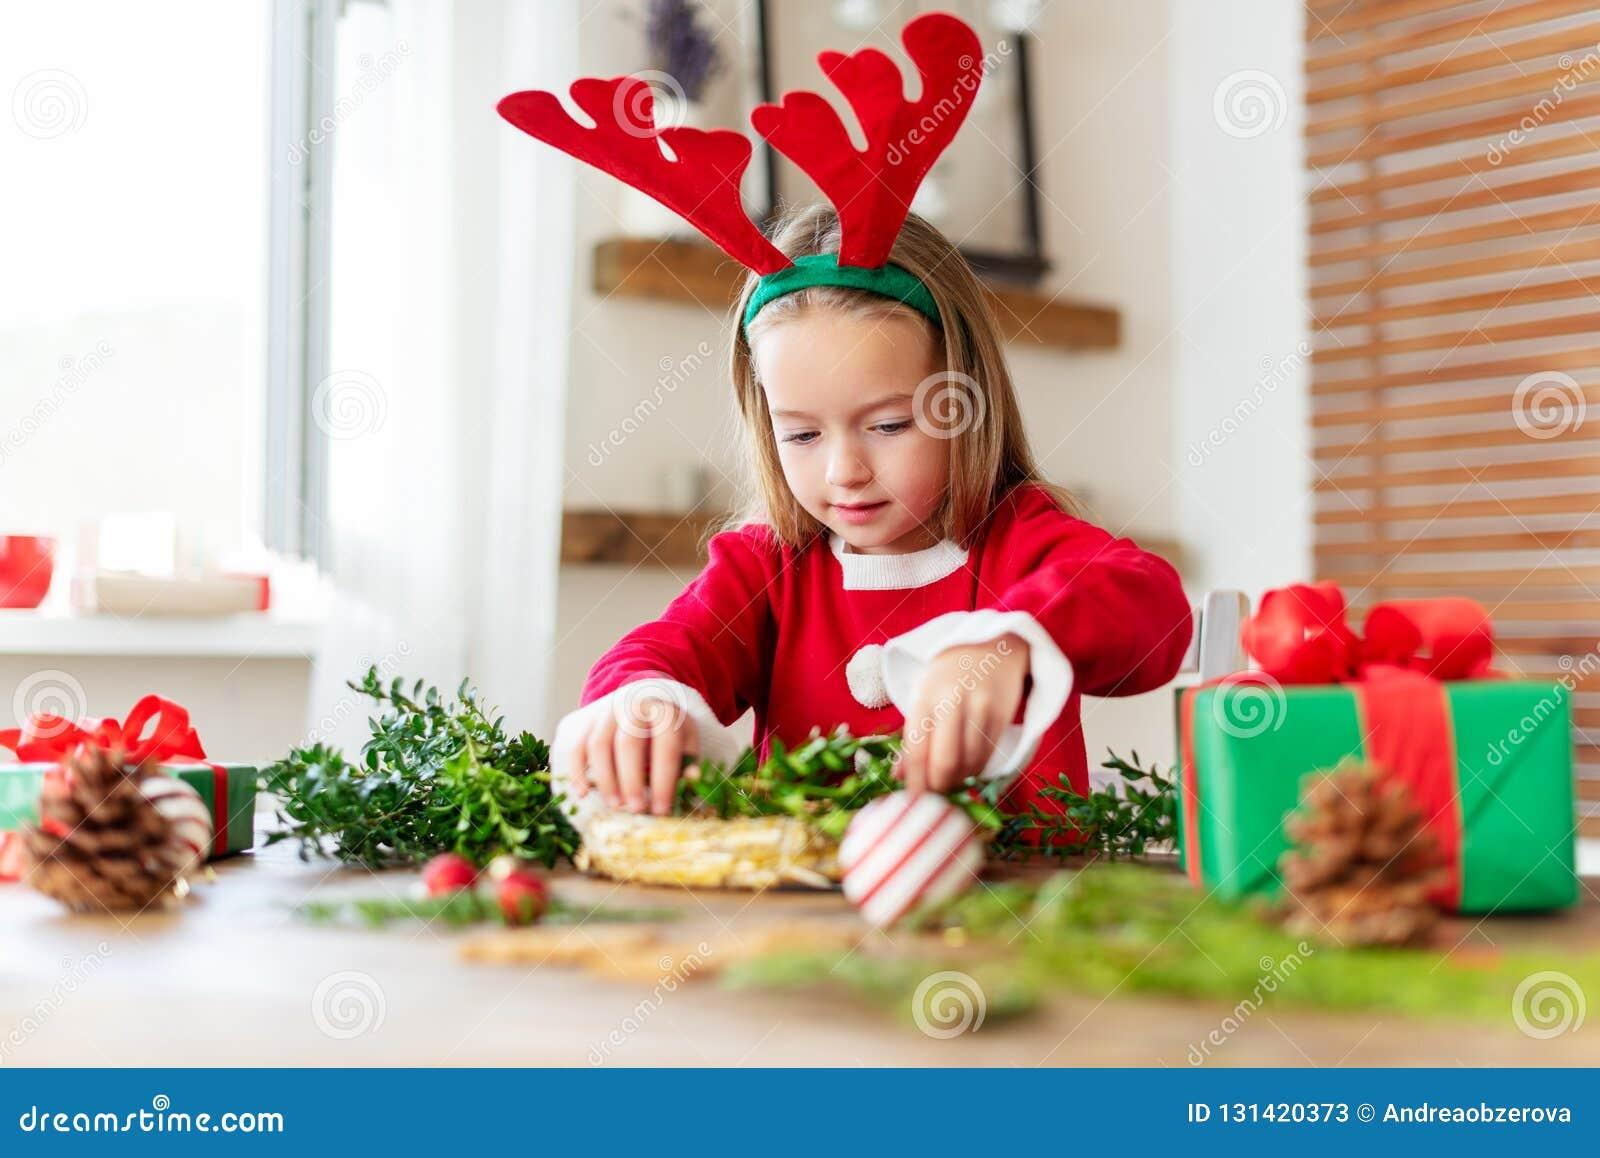 在驯鹿服装佩带的驯鹿鹿角打扮的逗人喜爱的学龄前儿童女孩做圣诞节花圈在客厅